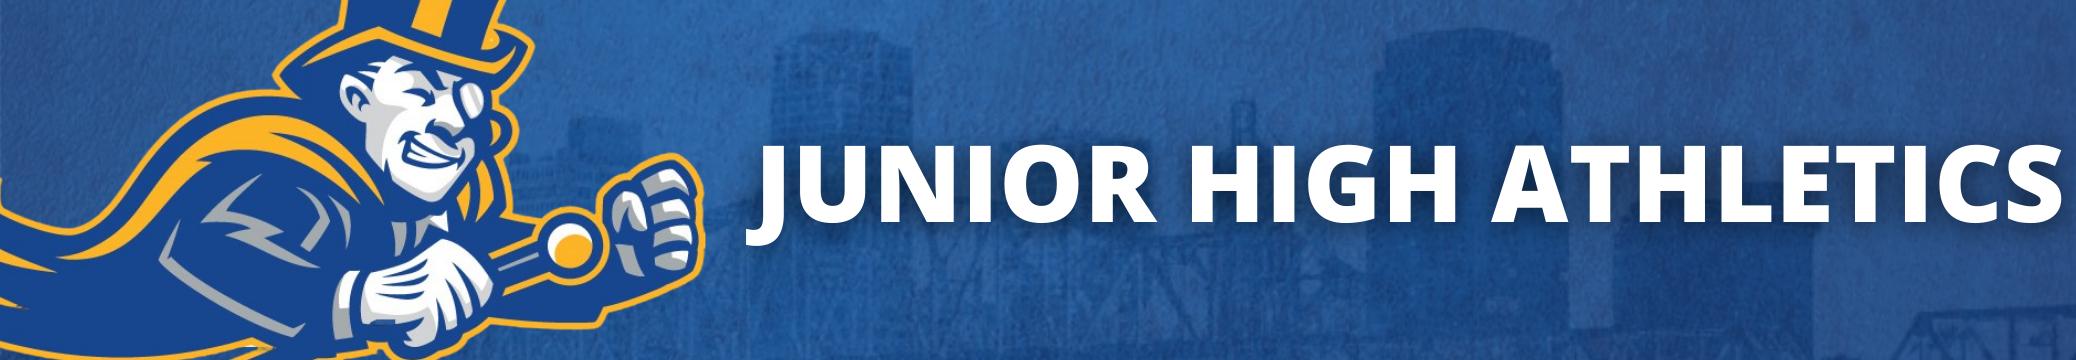 Junior High Athletics